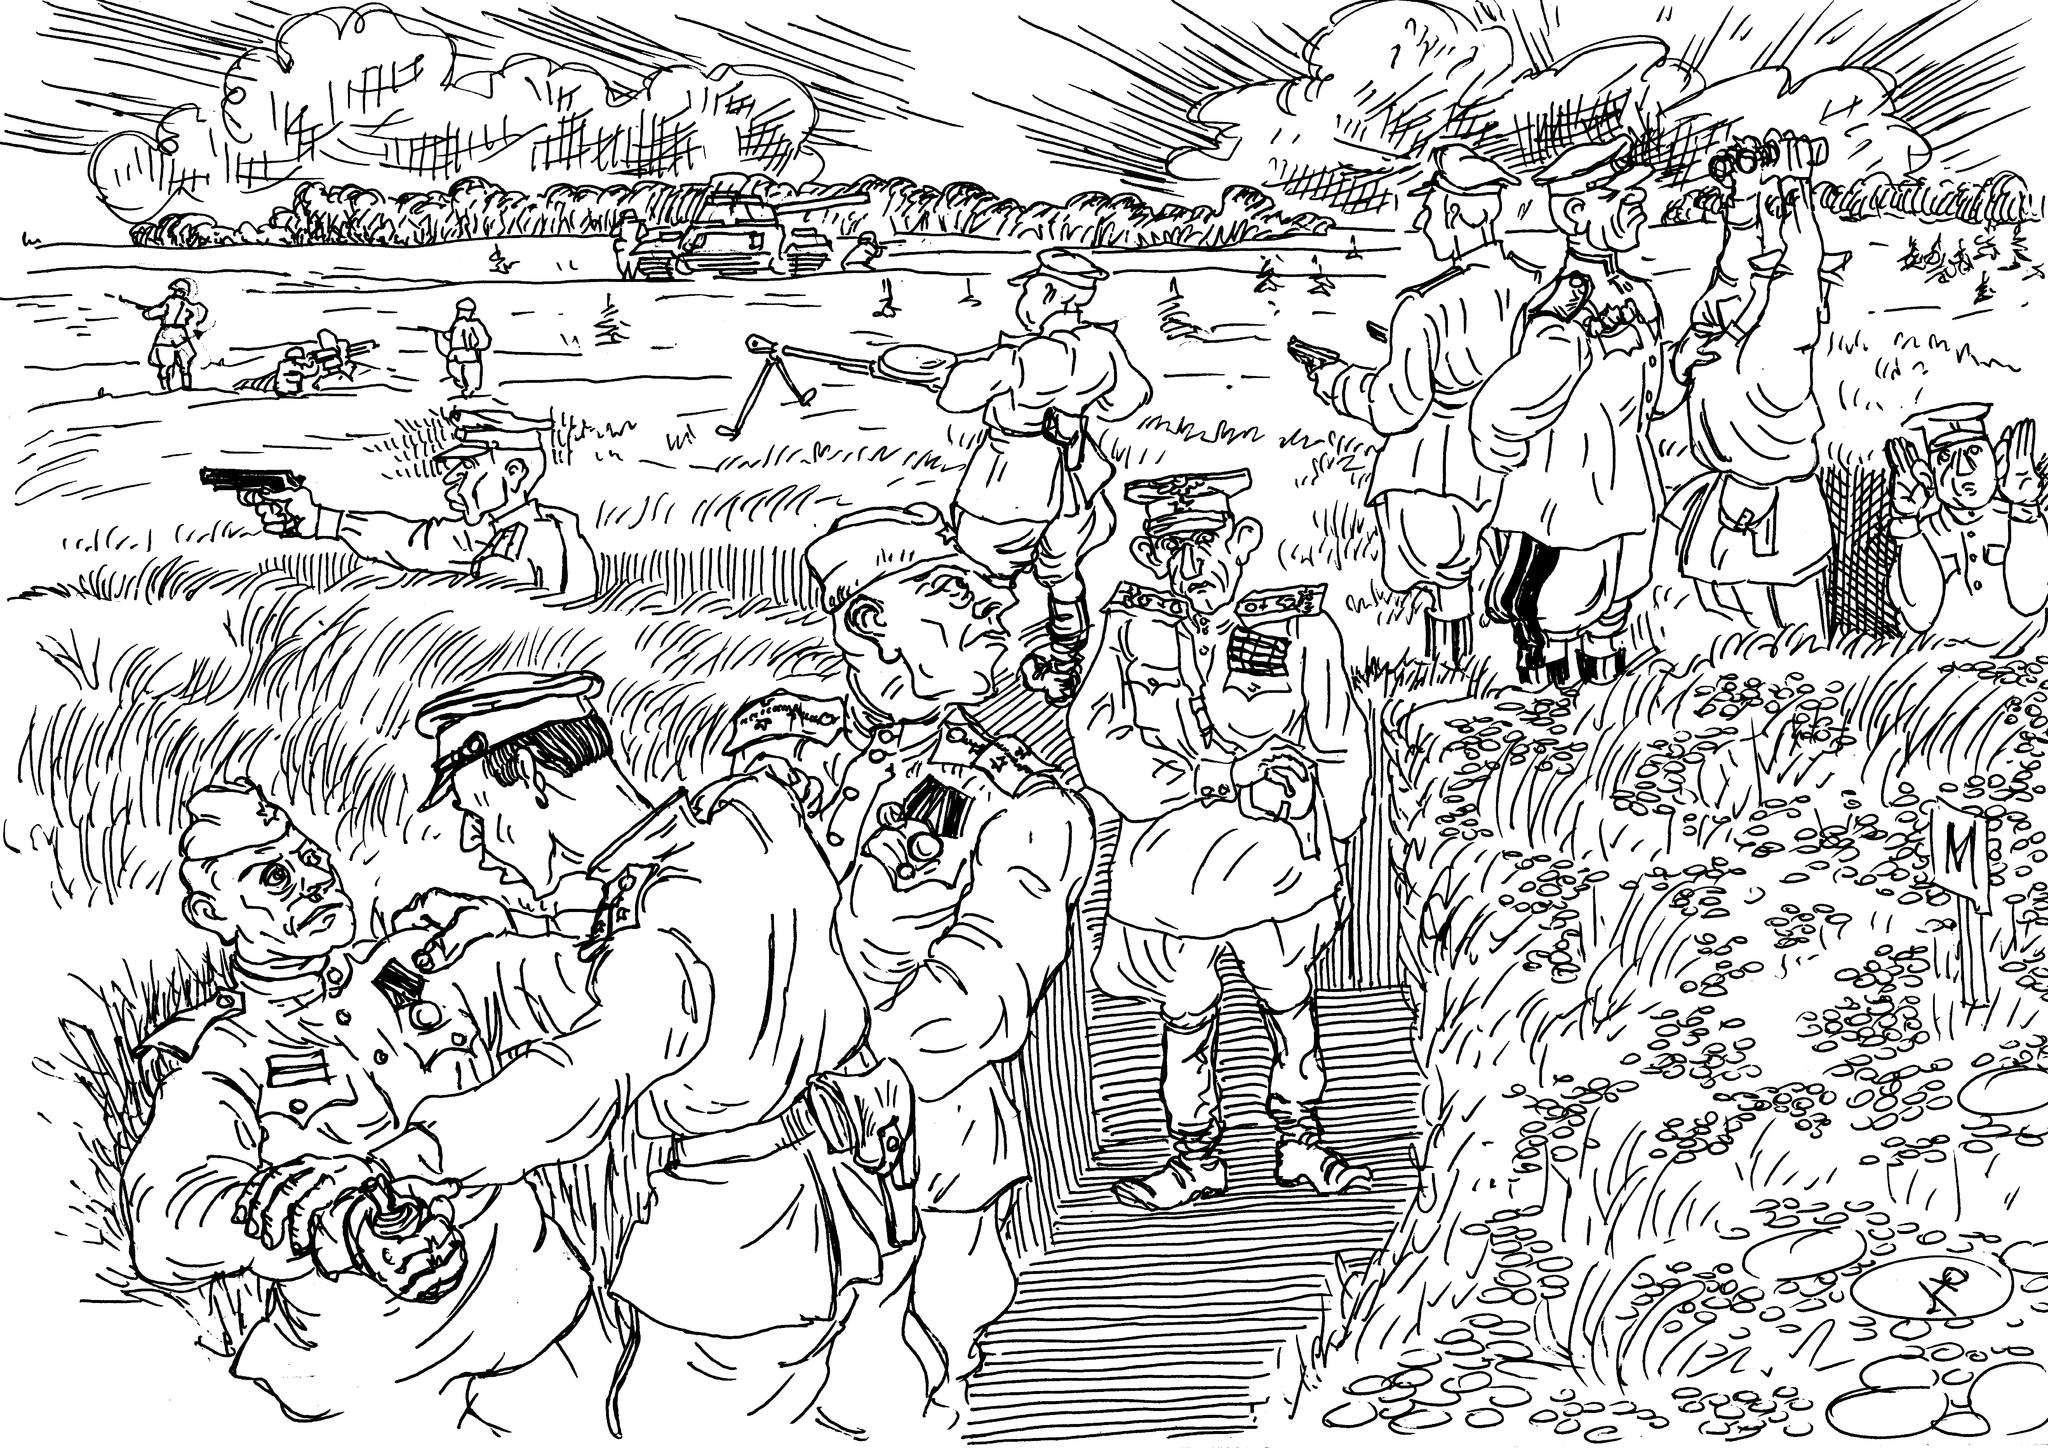 При посещении очередным полководцем частей РККА солдат хотел отомстить убийце-полководцу